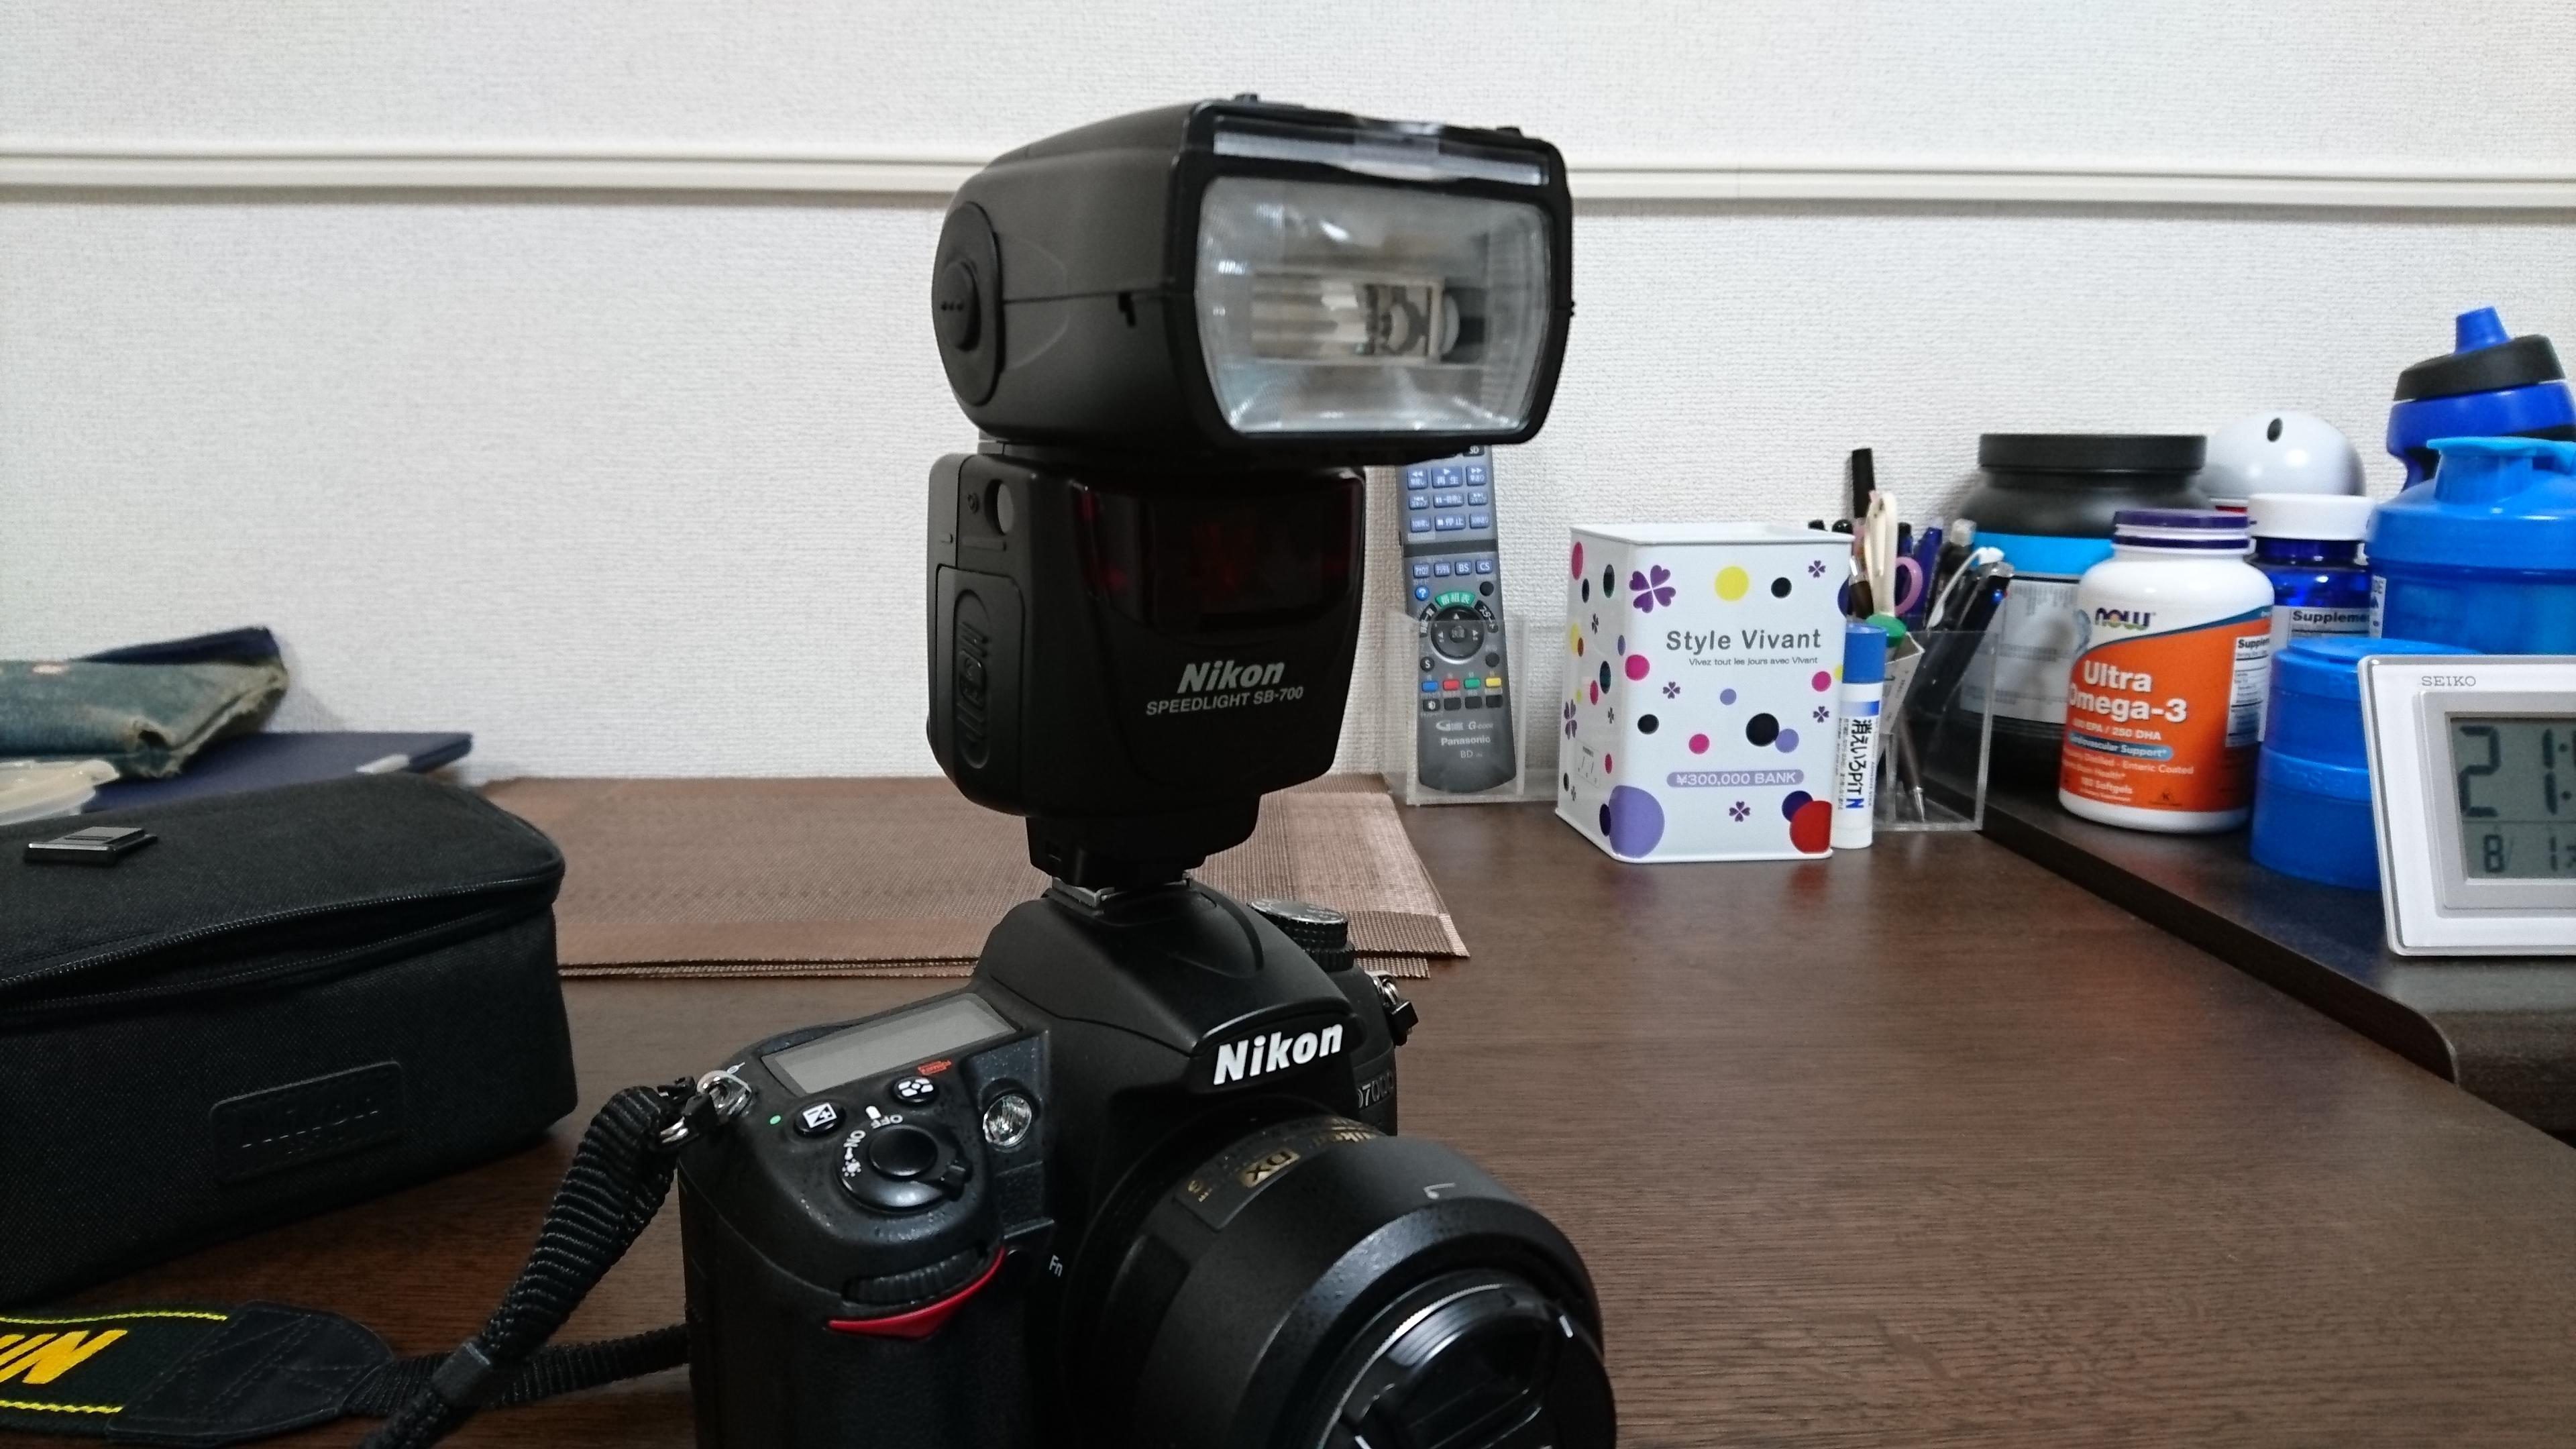 室内撮りもこれでバッチリ!スピードライト:SB-700を導入してみた